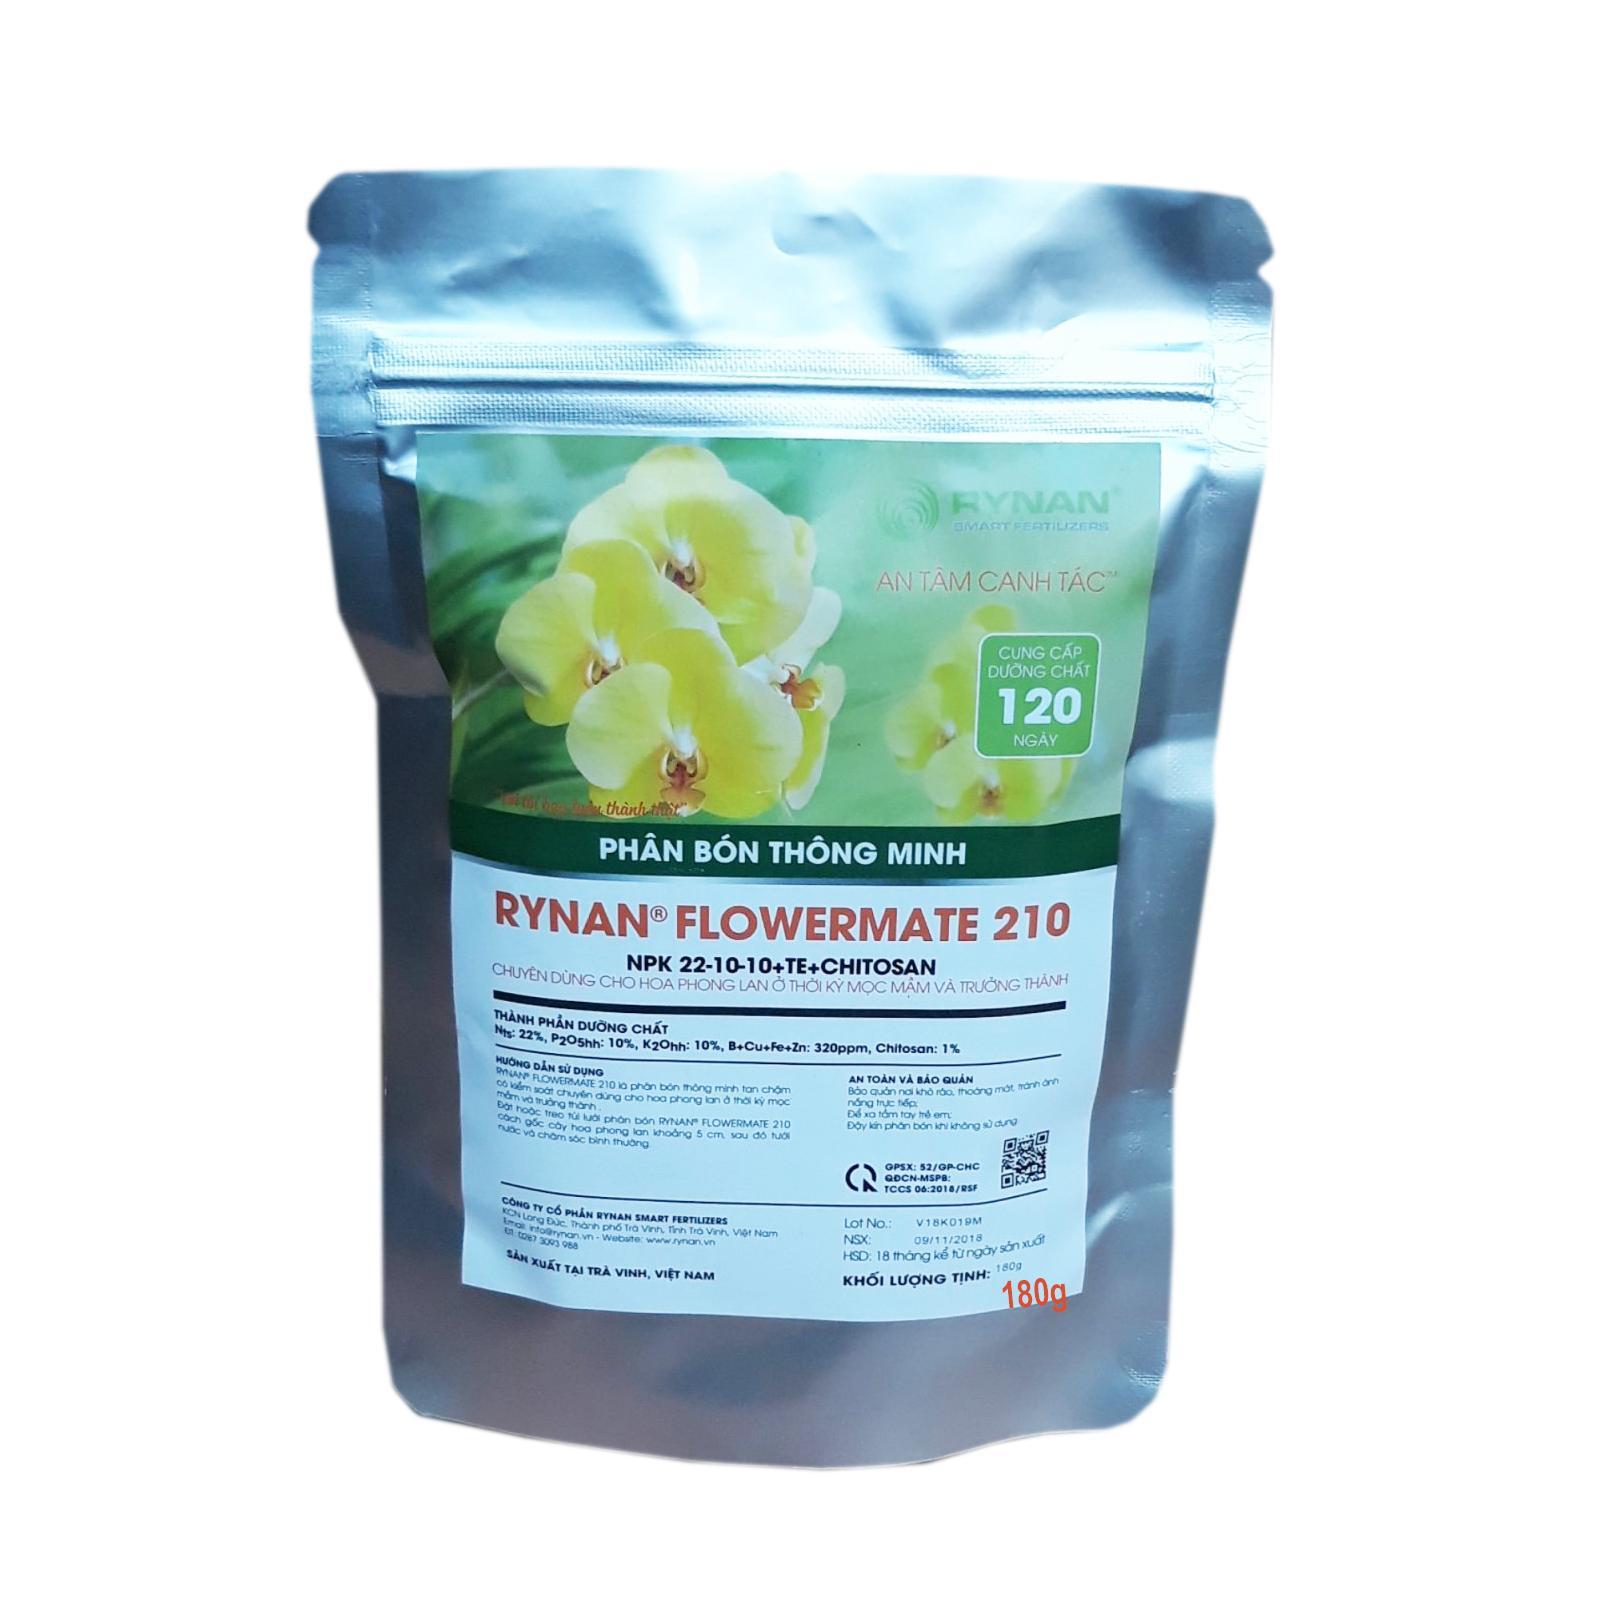 Phân Bón Thông Minh Túi lọc Rynan Flowermate 210  Dưỡng Phong Lan Sau Ra Hoa, Mọc Chồi, Nuôi Chồi Mới (Túi 180g)